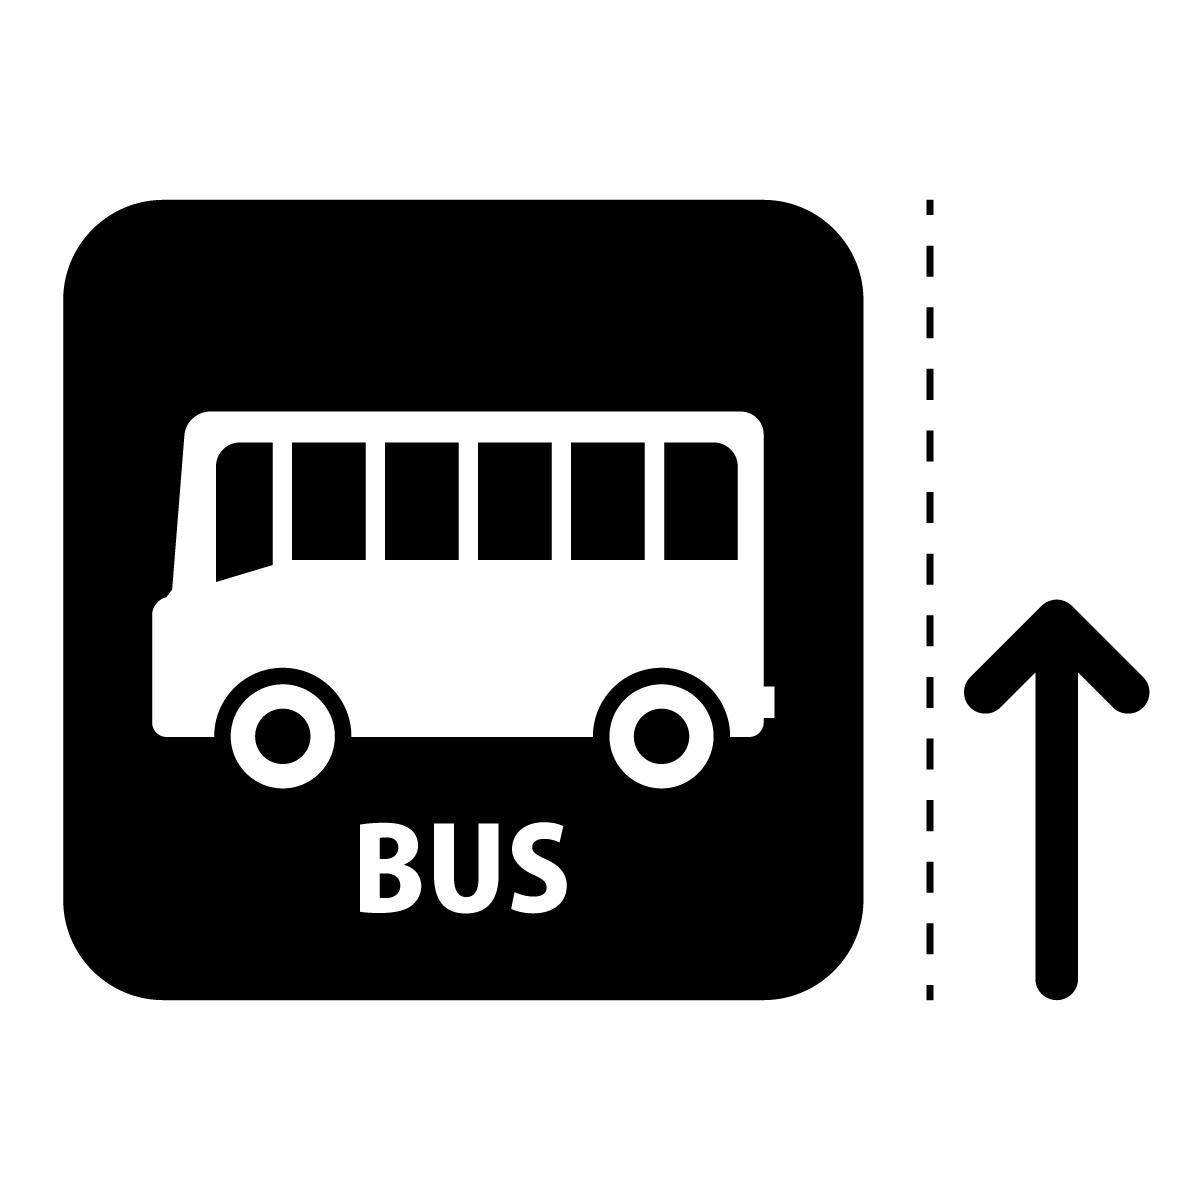 黒色のバス案内マーク(矢印付き)のカッティングステッカー・シール